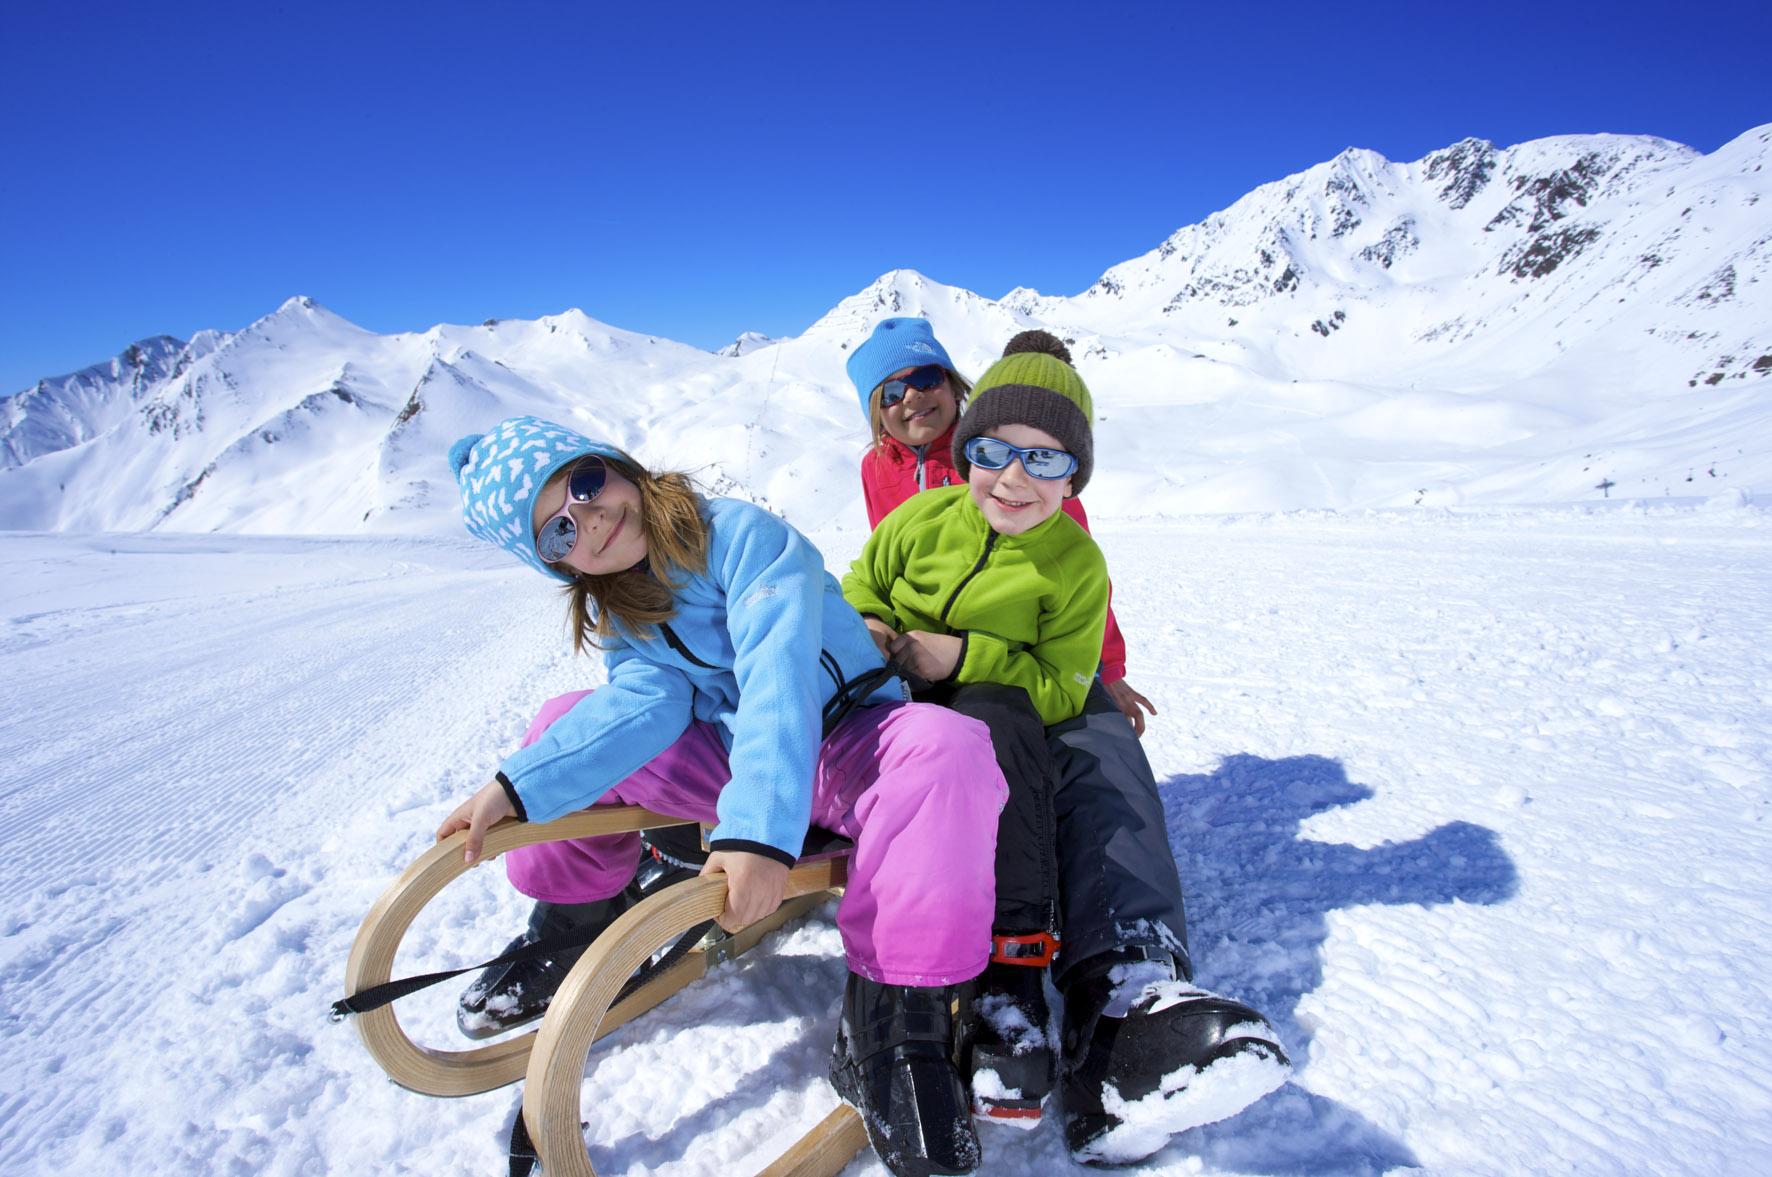 Rodelausflug mit der Familien im Skigebiet Serfaus-Fiss-Ladis